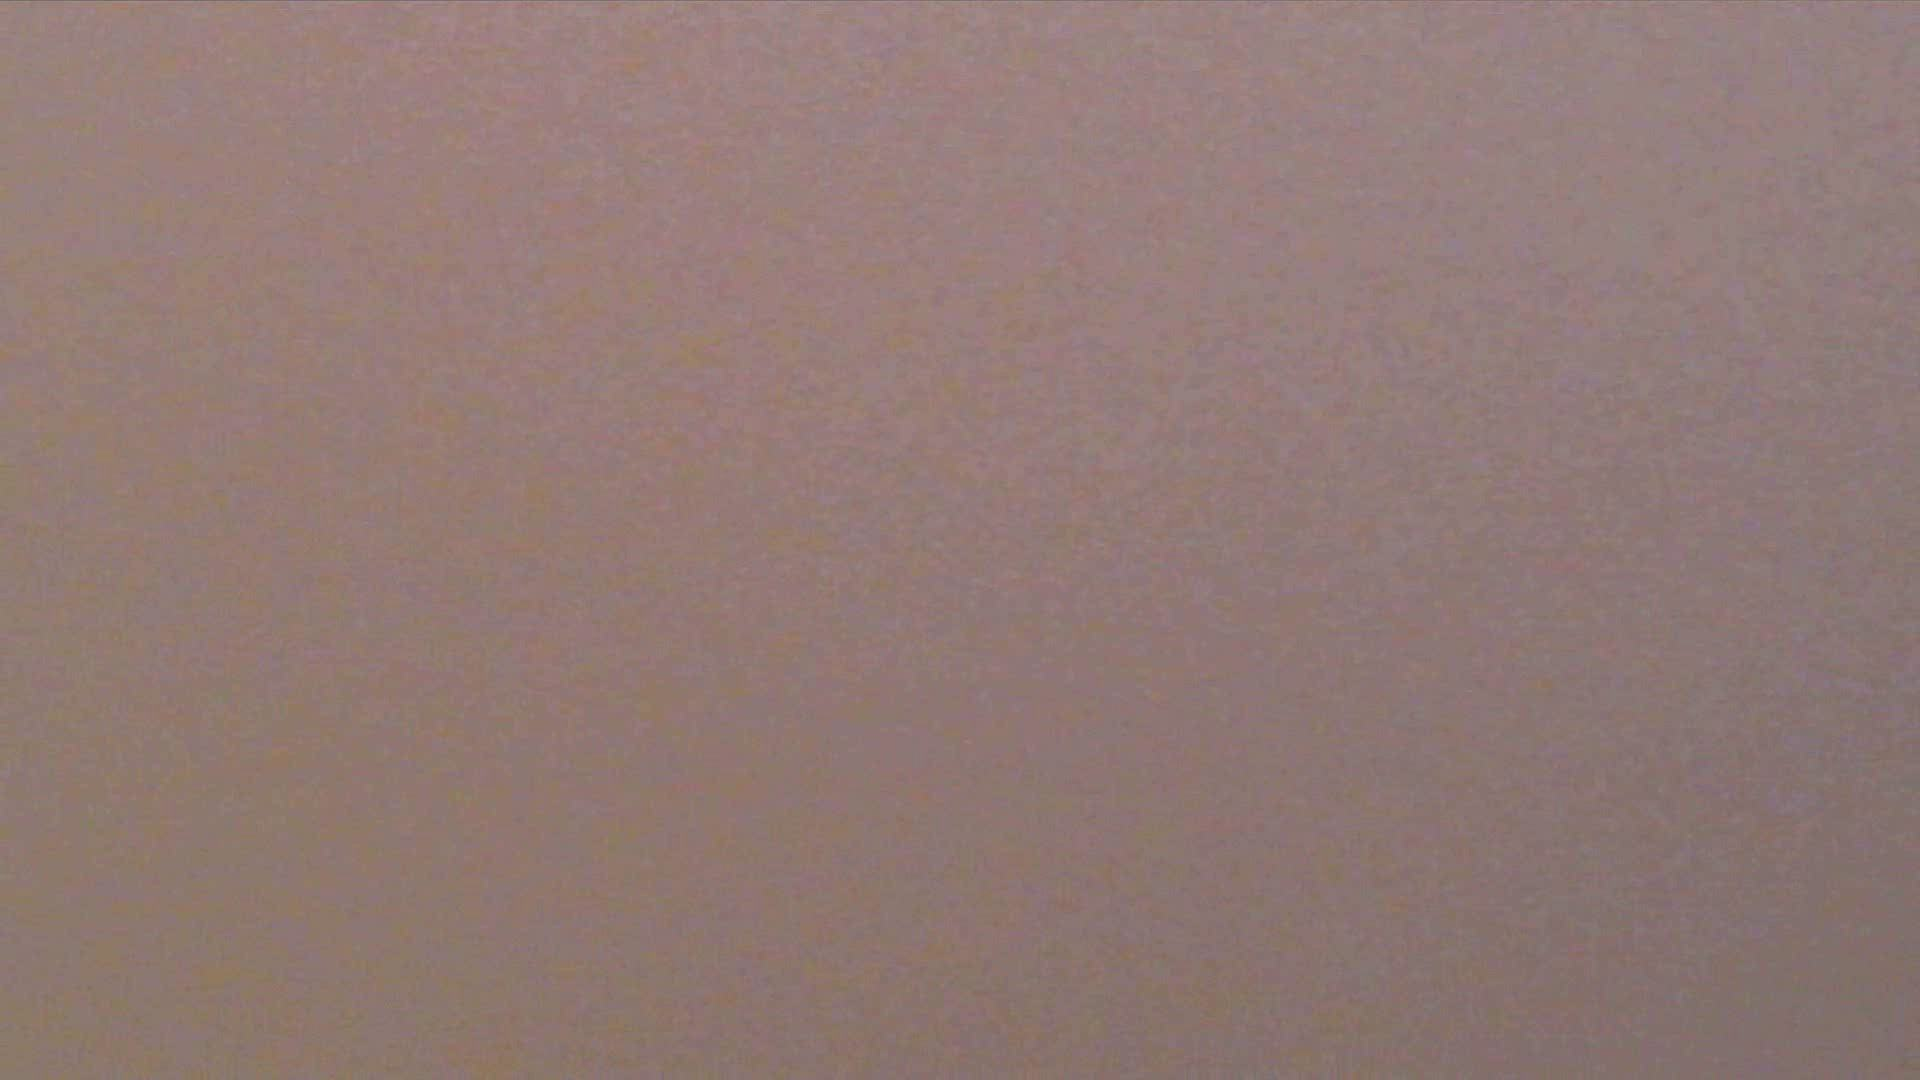 洗寿観音さんの 化粧室は四面楚歌Nol.1 洗面所  86PIX 40